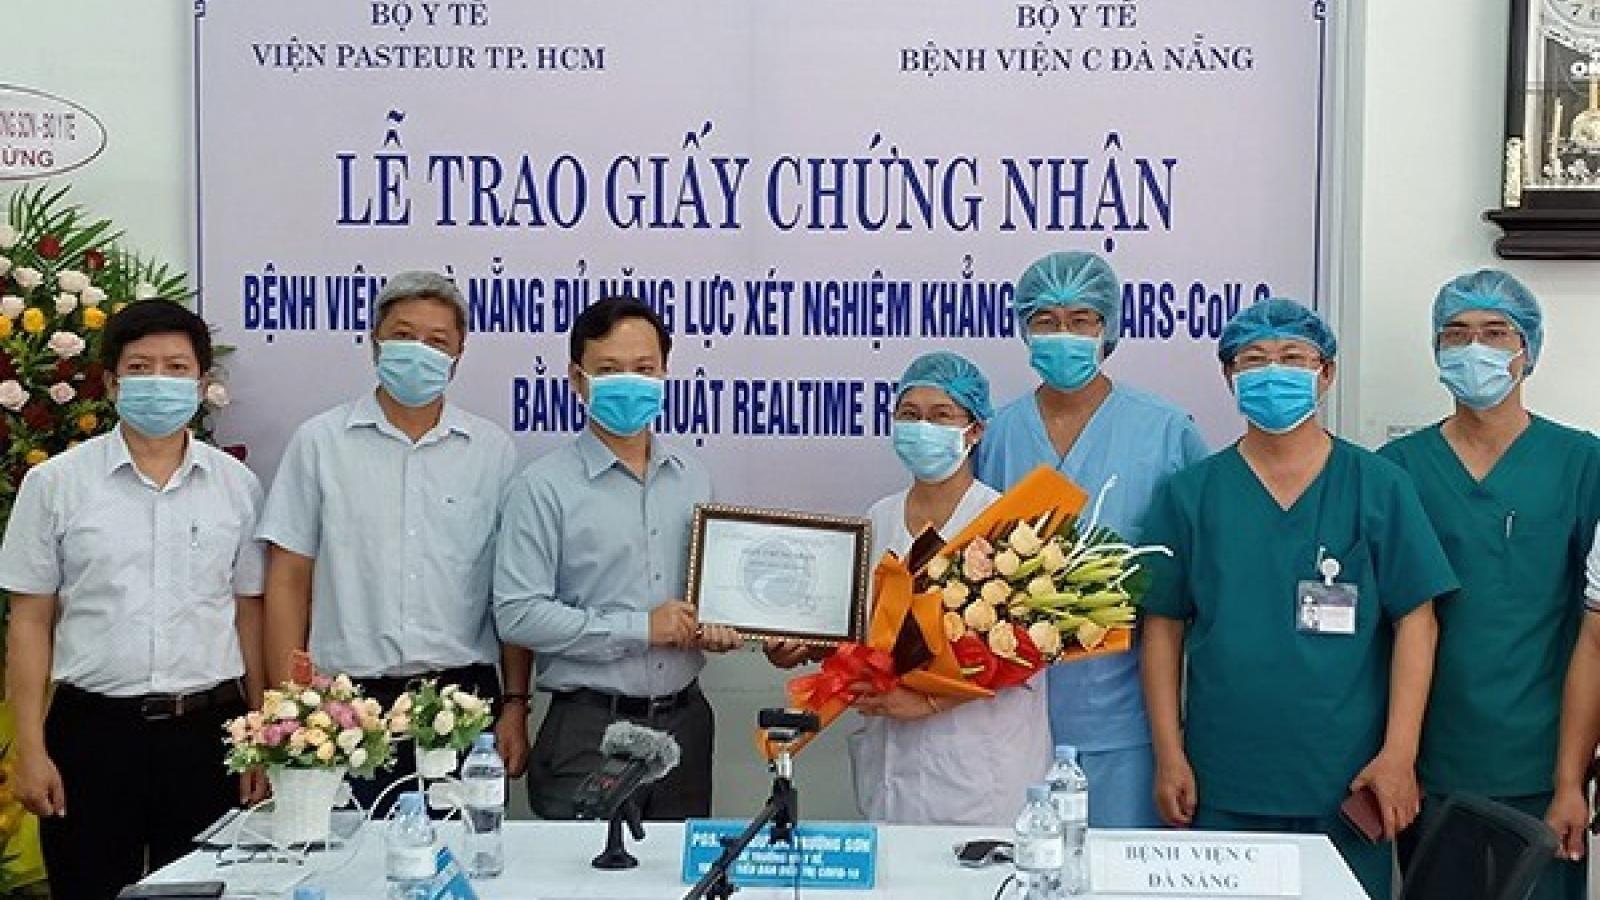 Bệnh viện C Đà Nẵng chính thức được xét nghiệm khẳng định SARS-CoV-2